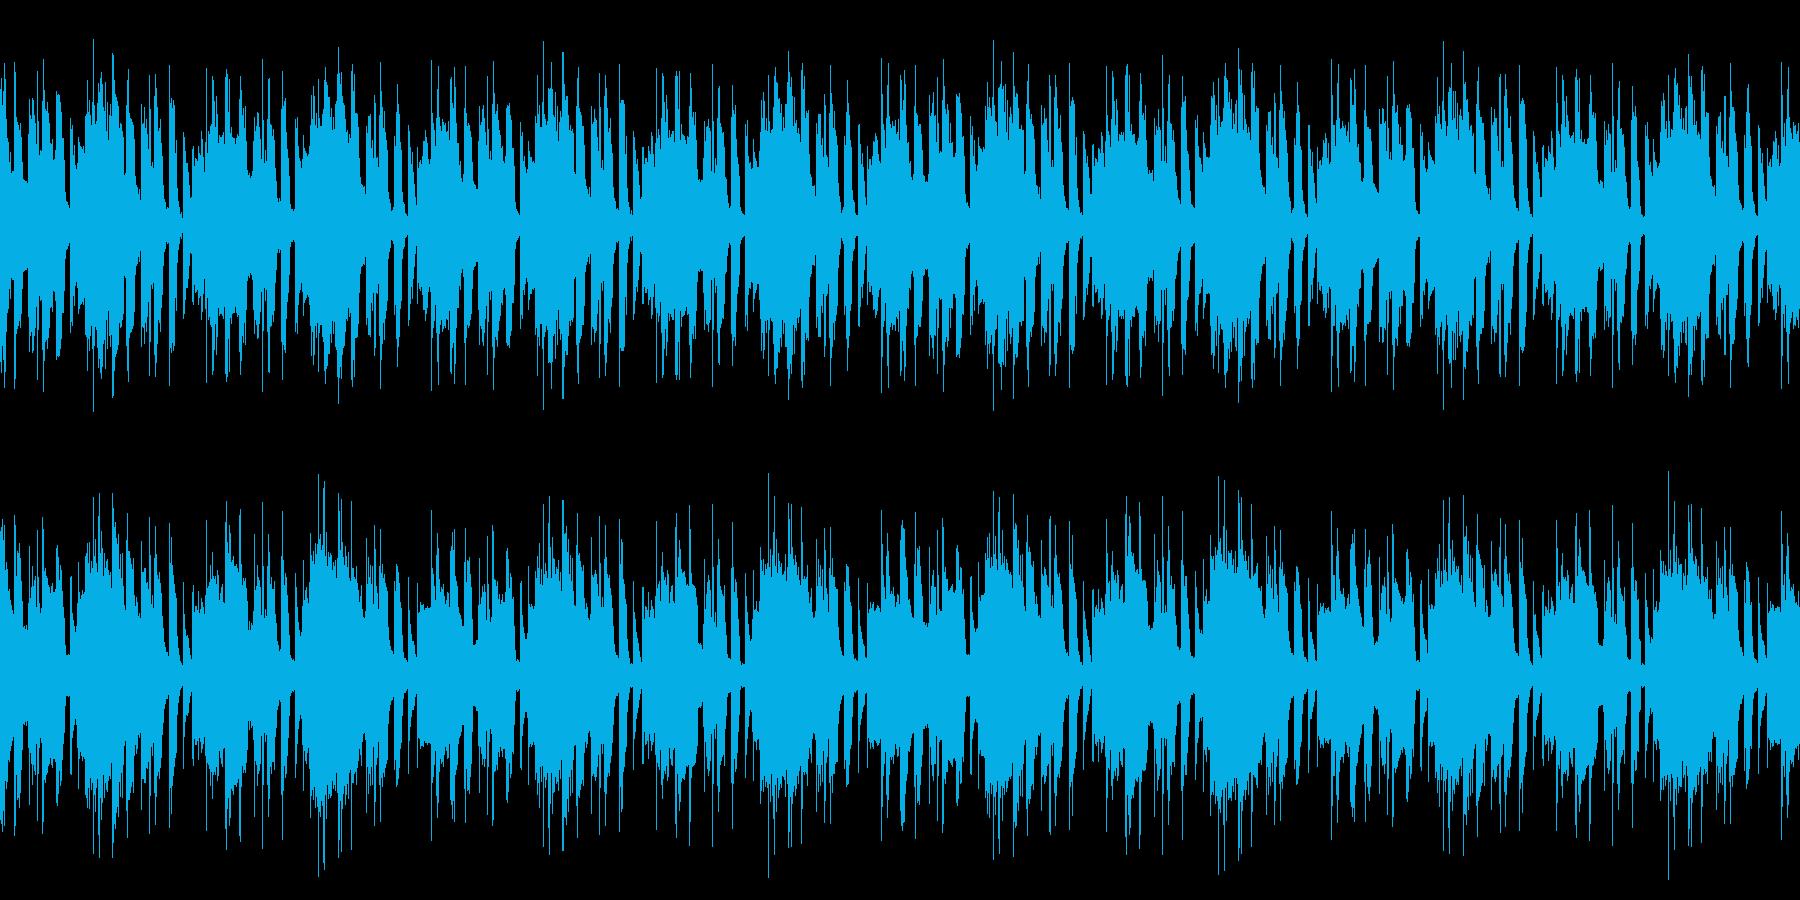 ピアノとベルの明るいBGM※ループ仕様の再生済みの波形